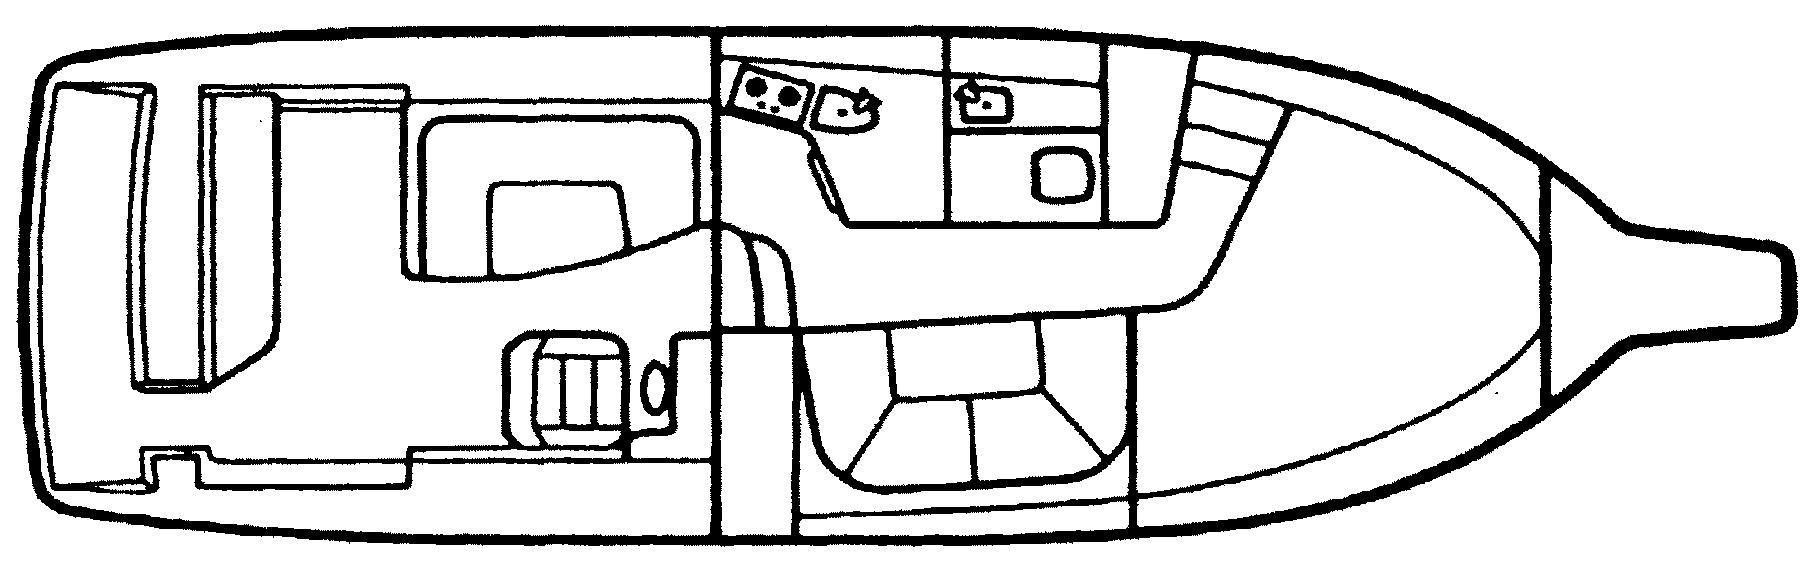 30-31 Signature Floor Plan 1